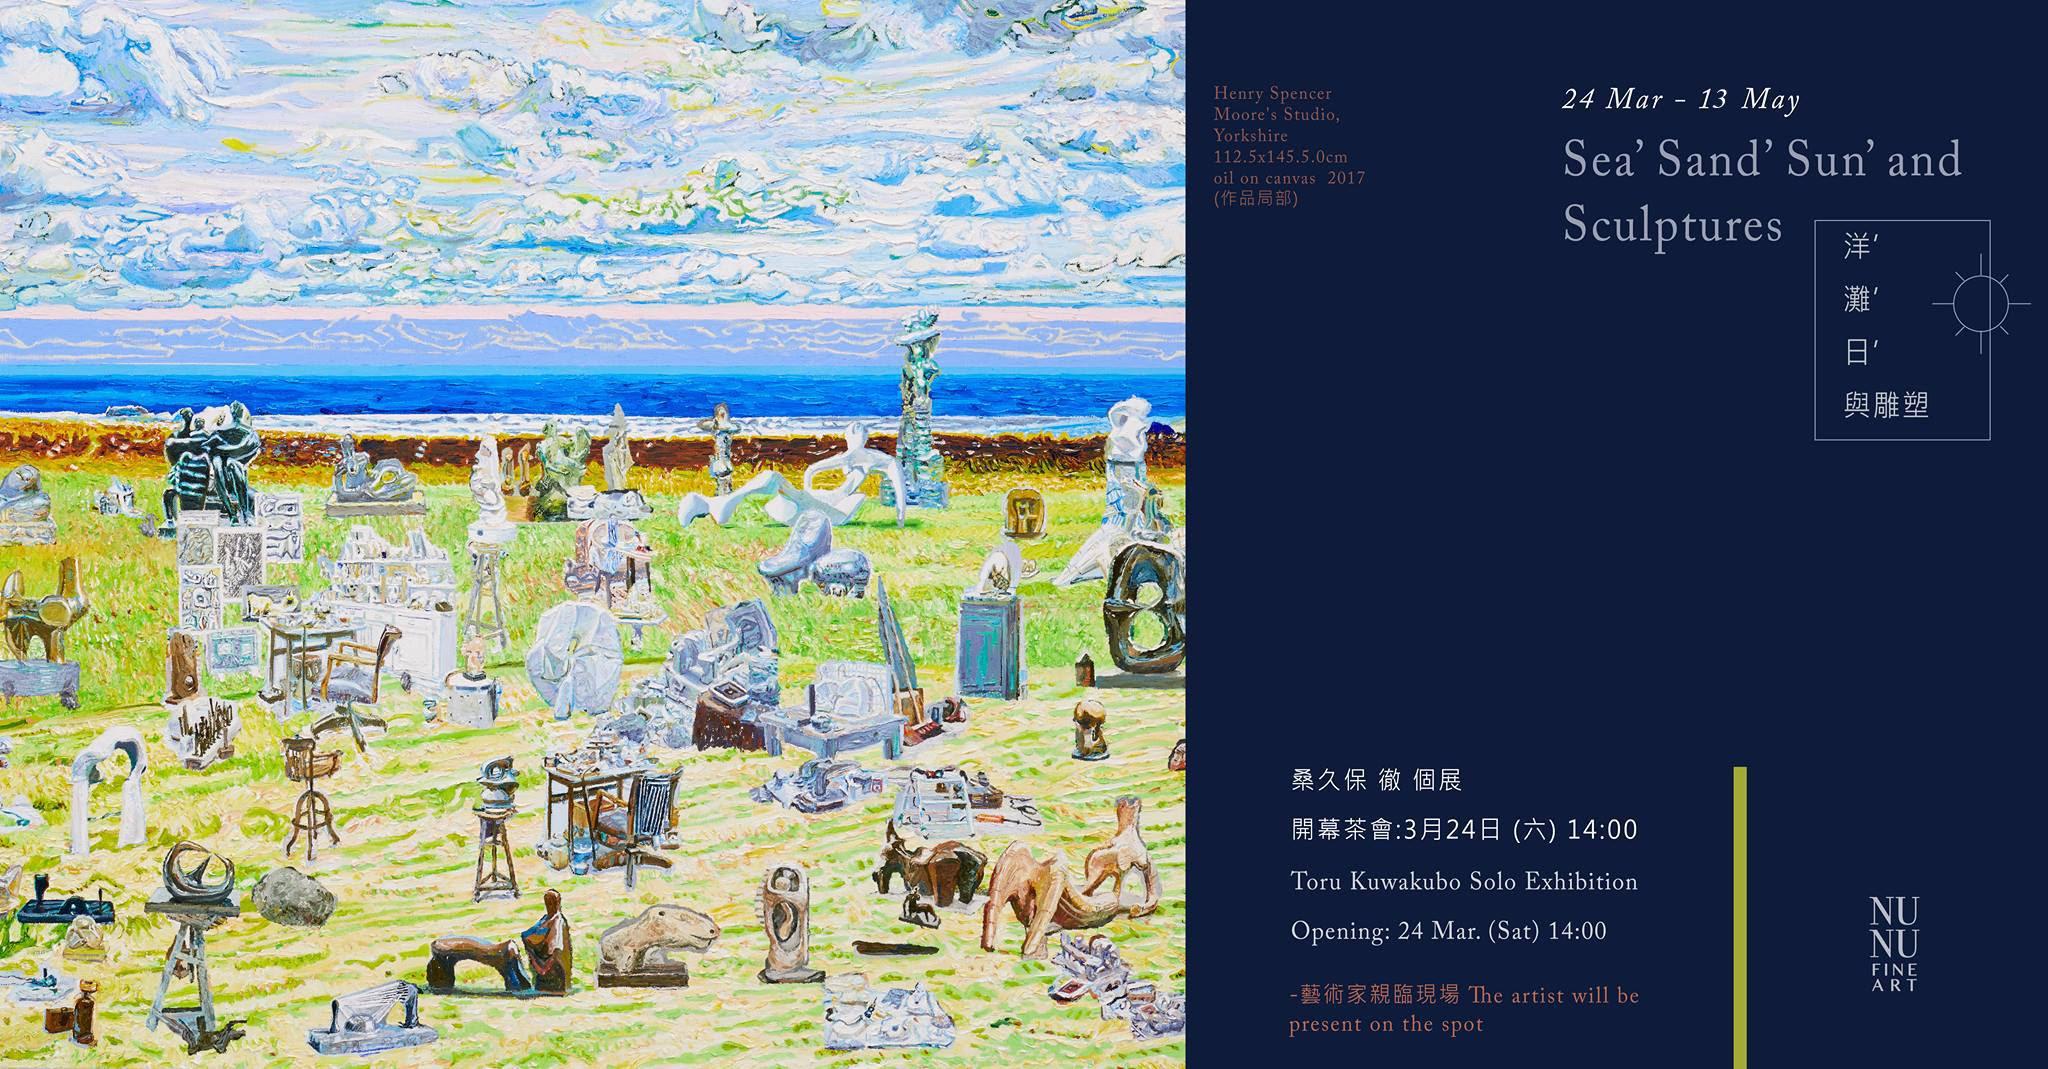 【展覽資訊|桑久保 徹個展:洋'灘'日'與雕塑 】